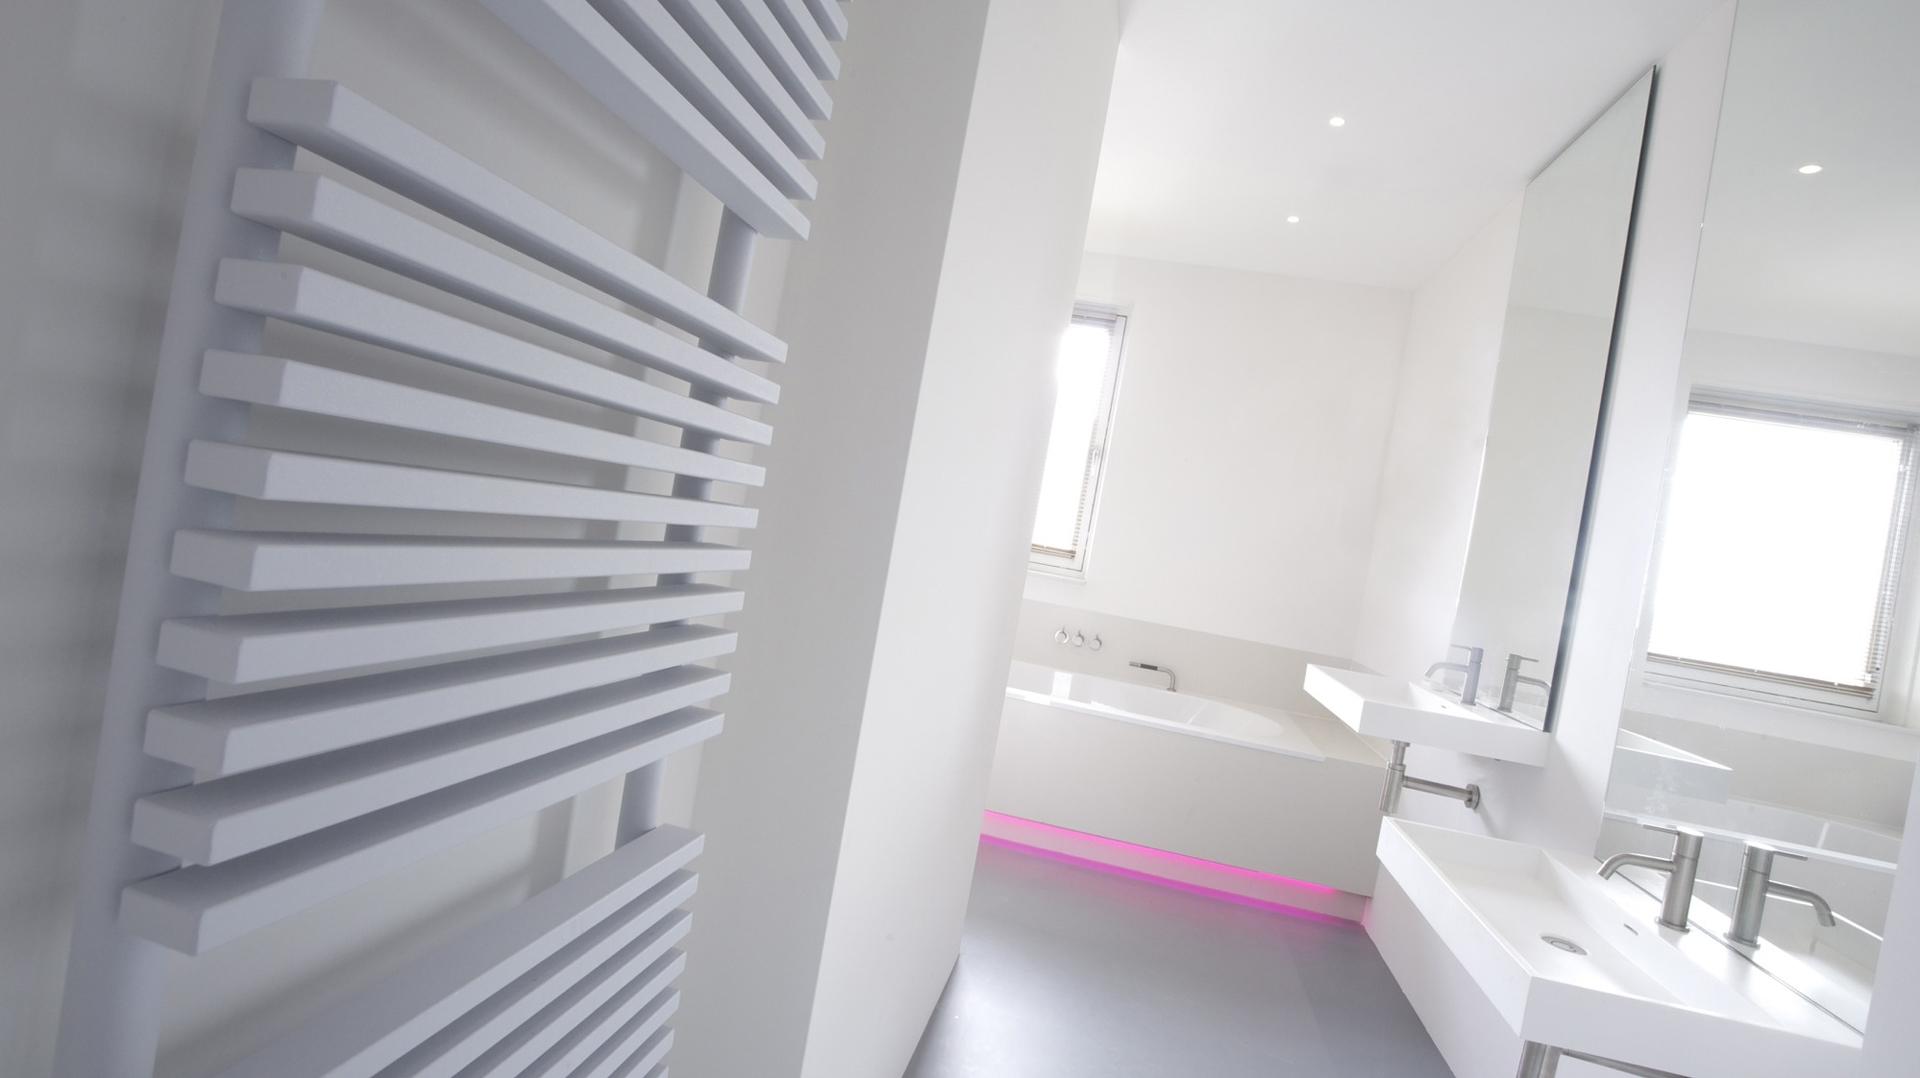 gietvloer en gestuukte muren in badkamer interieur inrichting